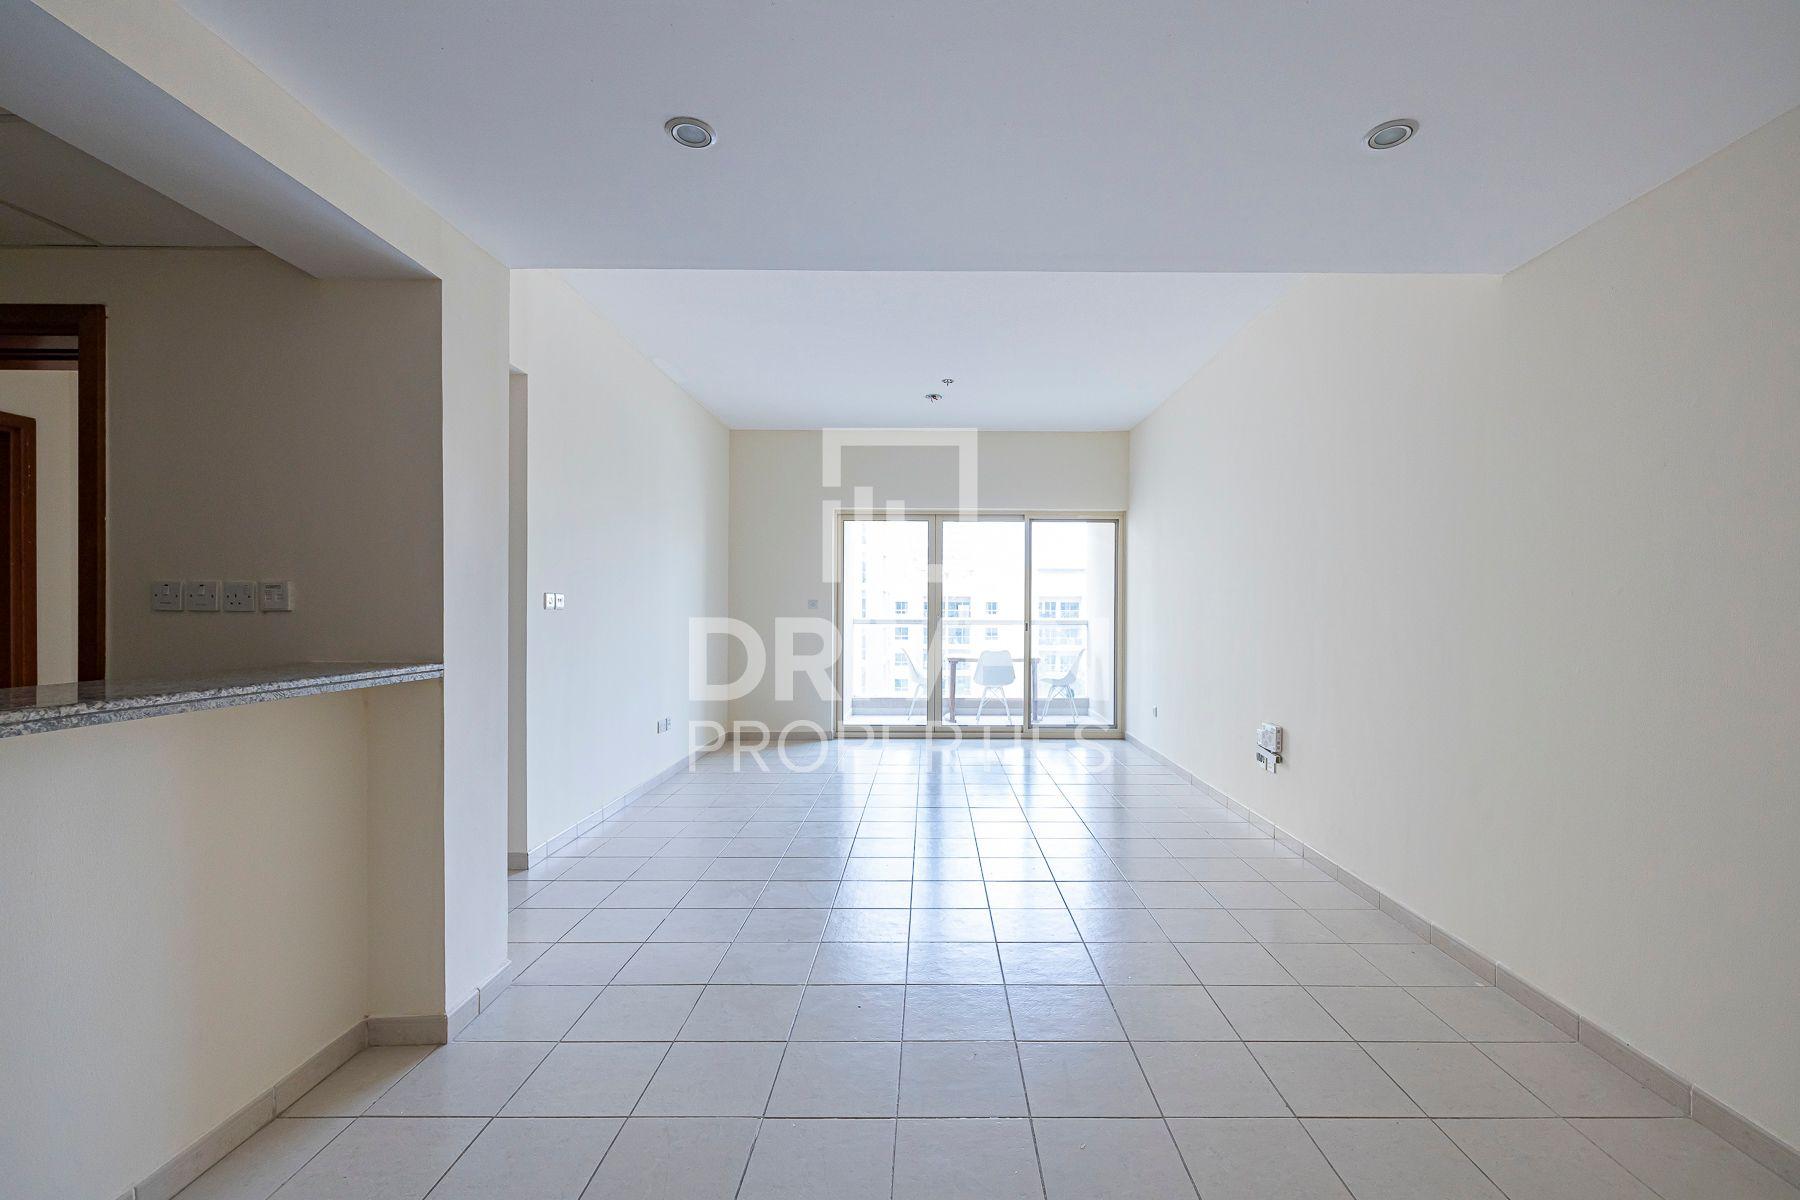 للايجار - شقة - الأرتا 1 - جرينز